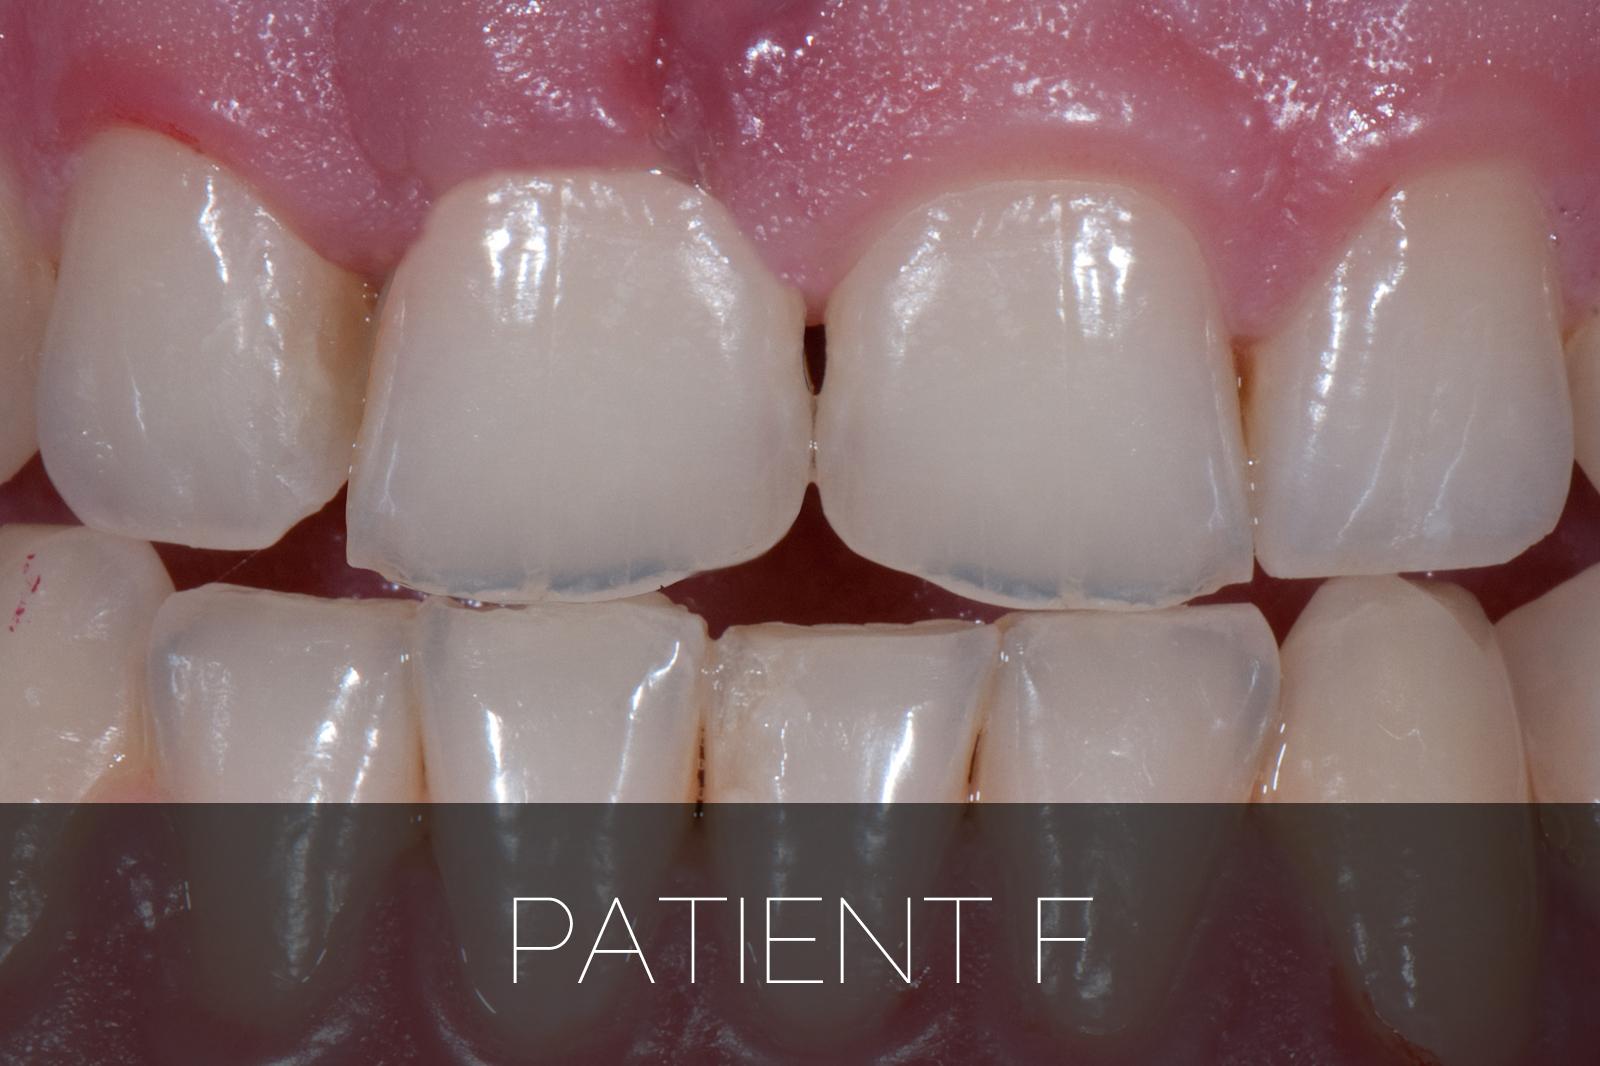 Patient F